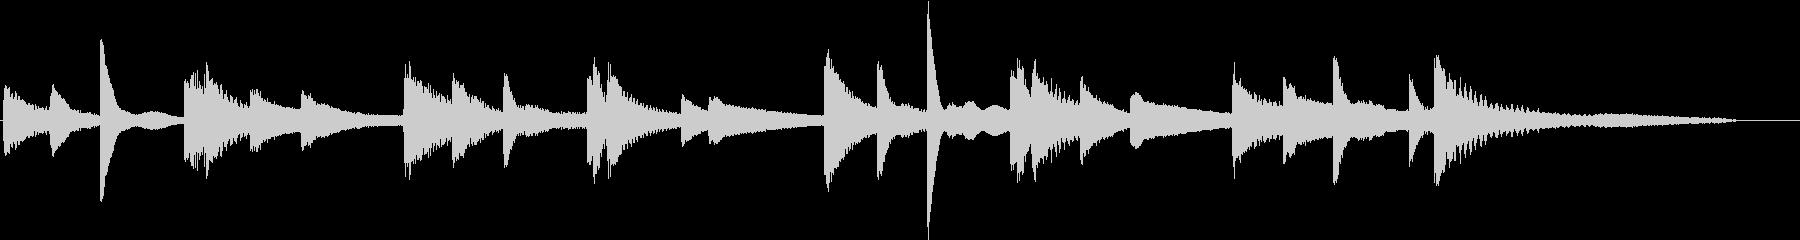 無調で無重力感を!脱力系ピアノジングルの未再生の波形